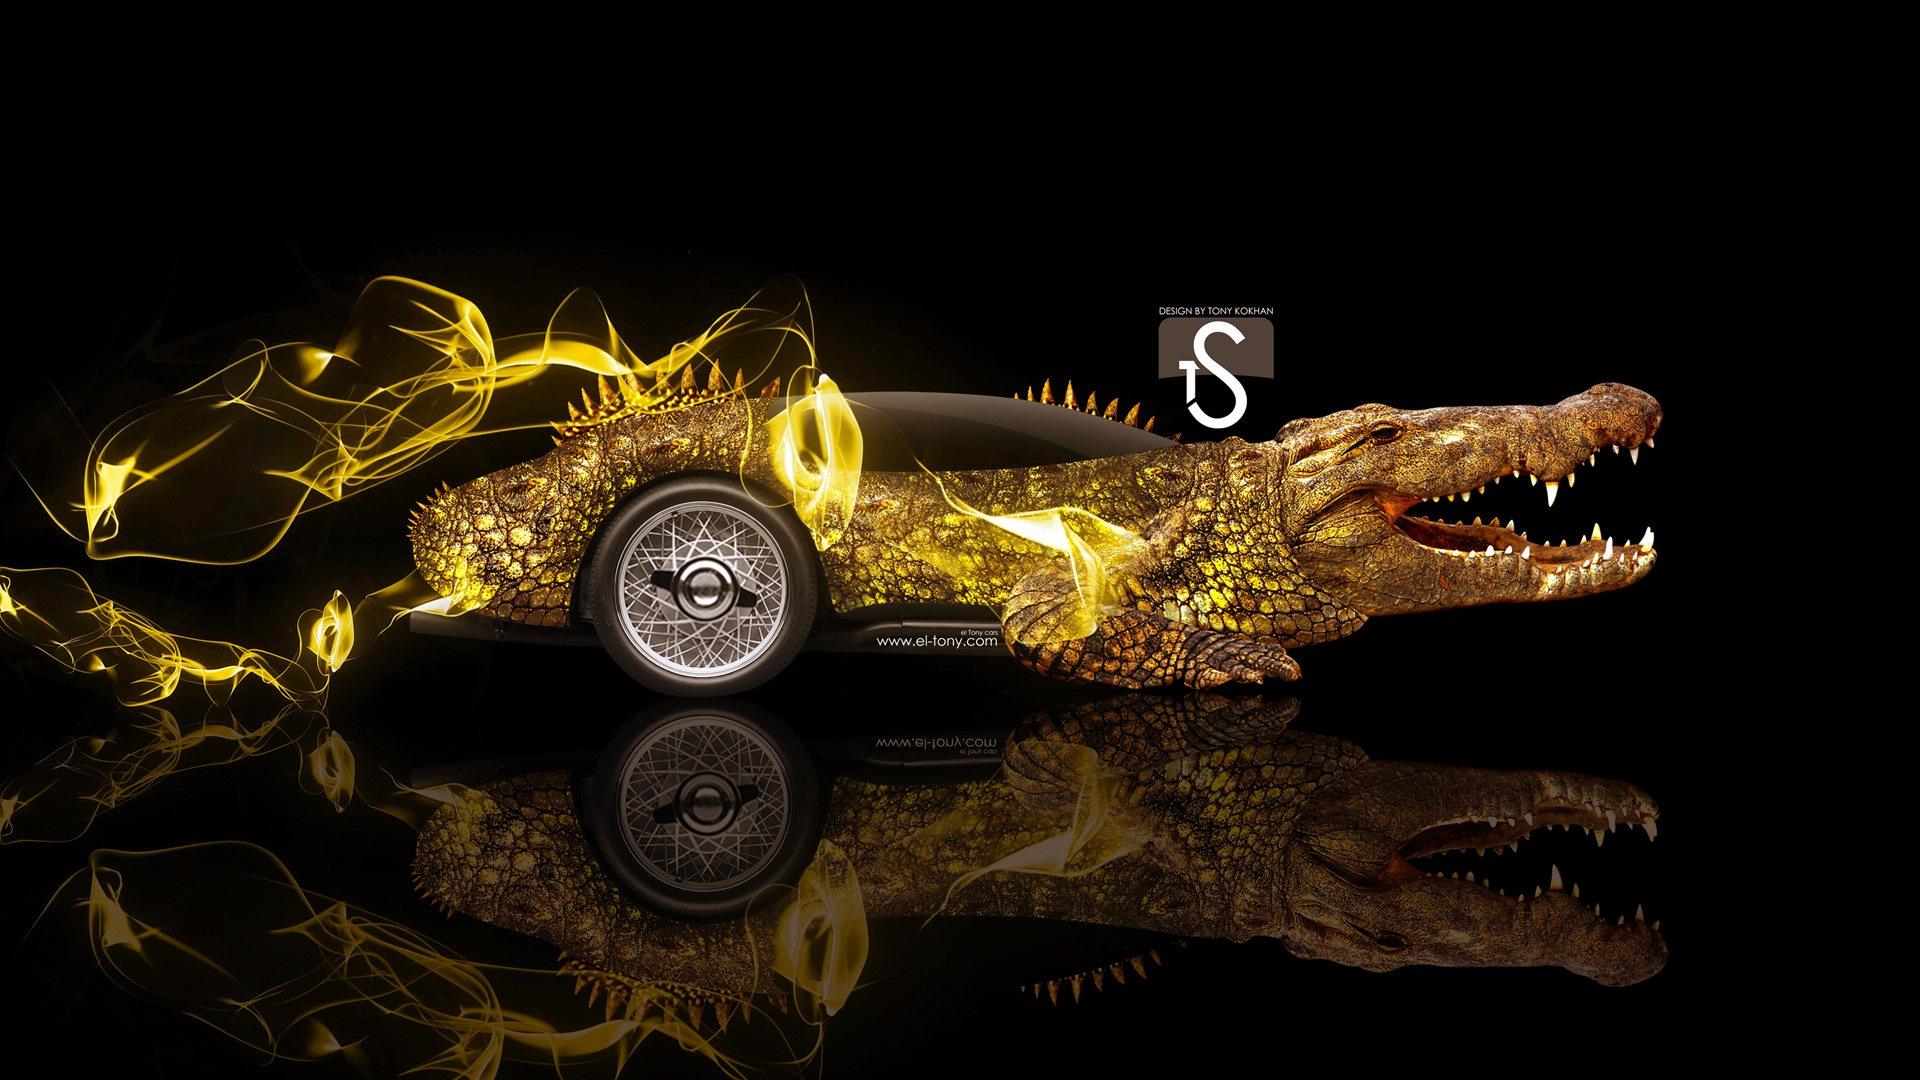 梦幻创意汽车设计壁纸,动物汽车12 - 1920x1080图片